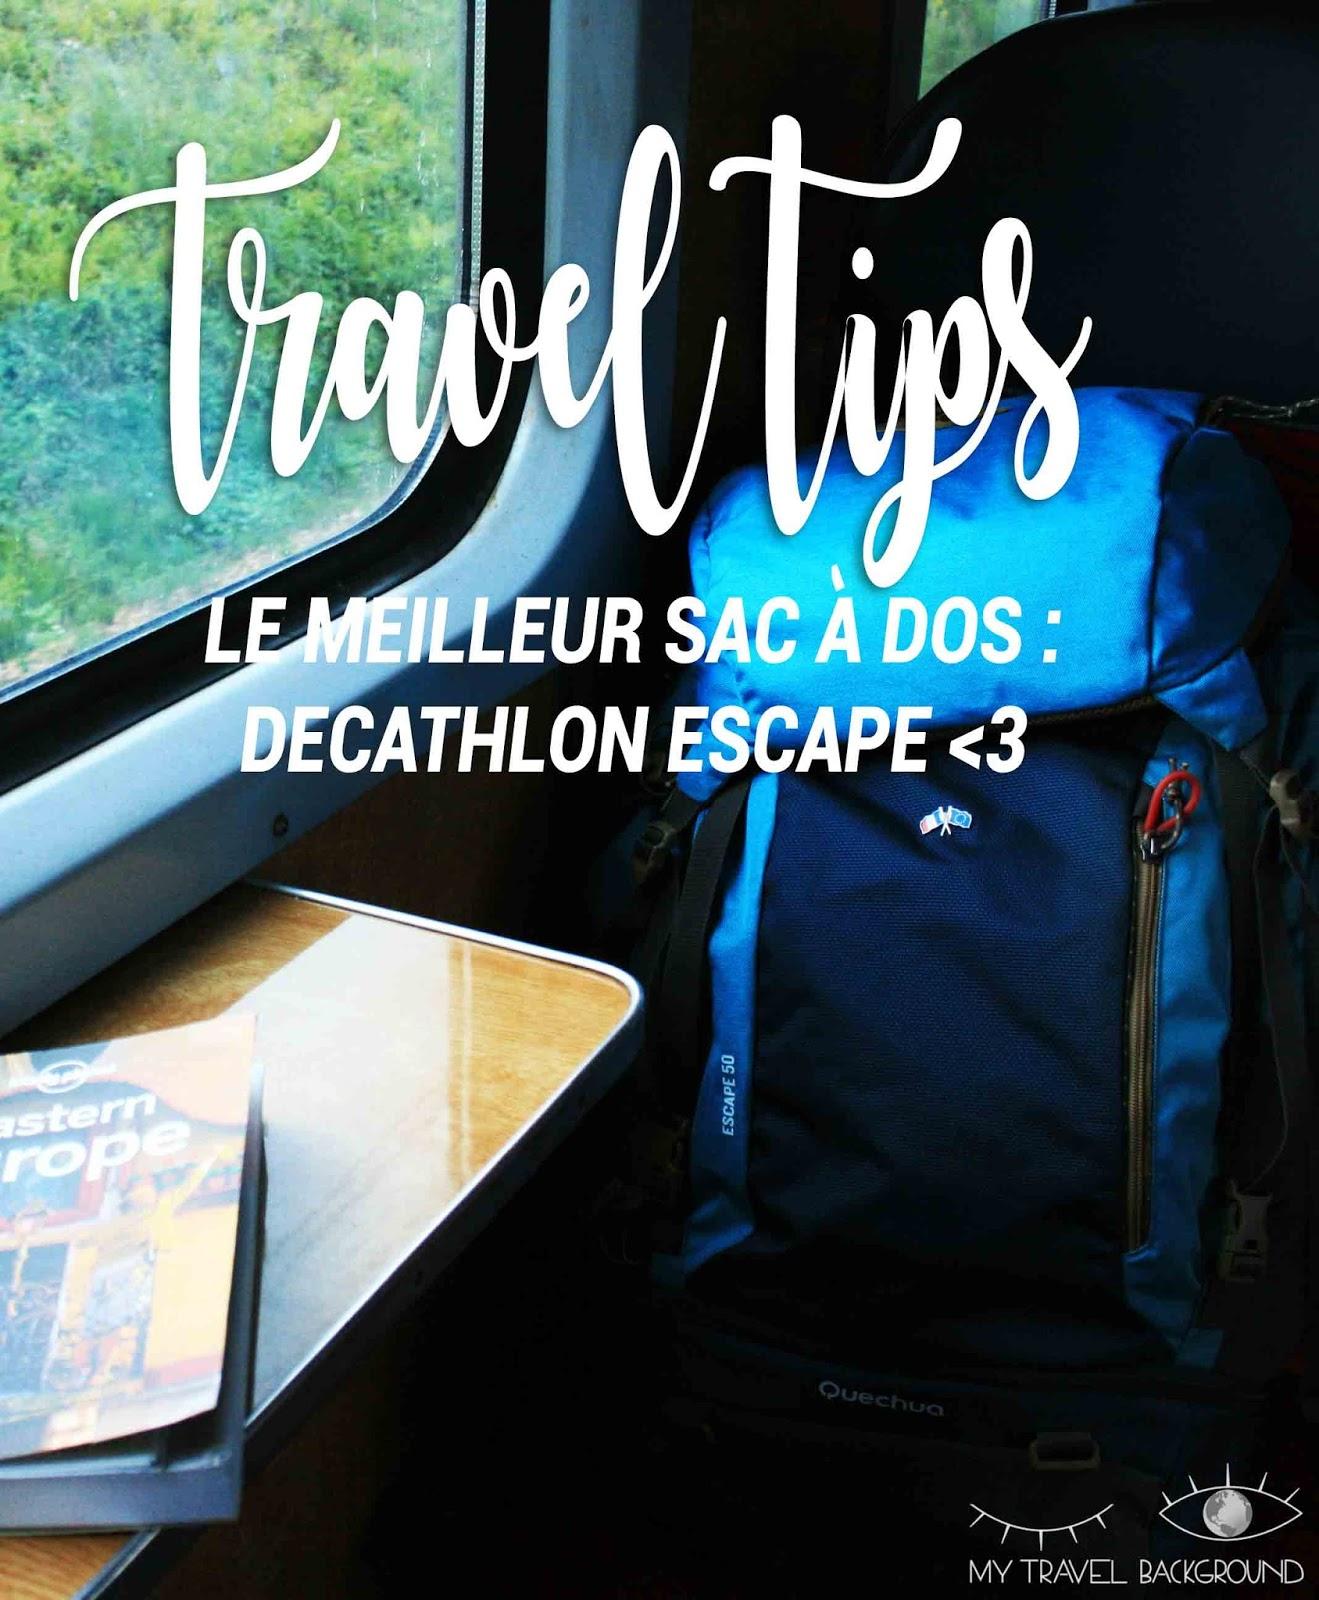 My Travel Background : voyager en sac à dos, quel modèle choisir, et quoi mettre dedans?